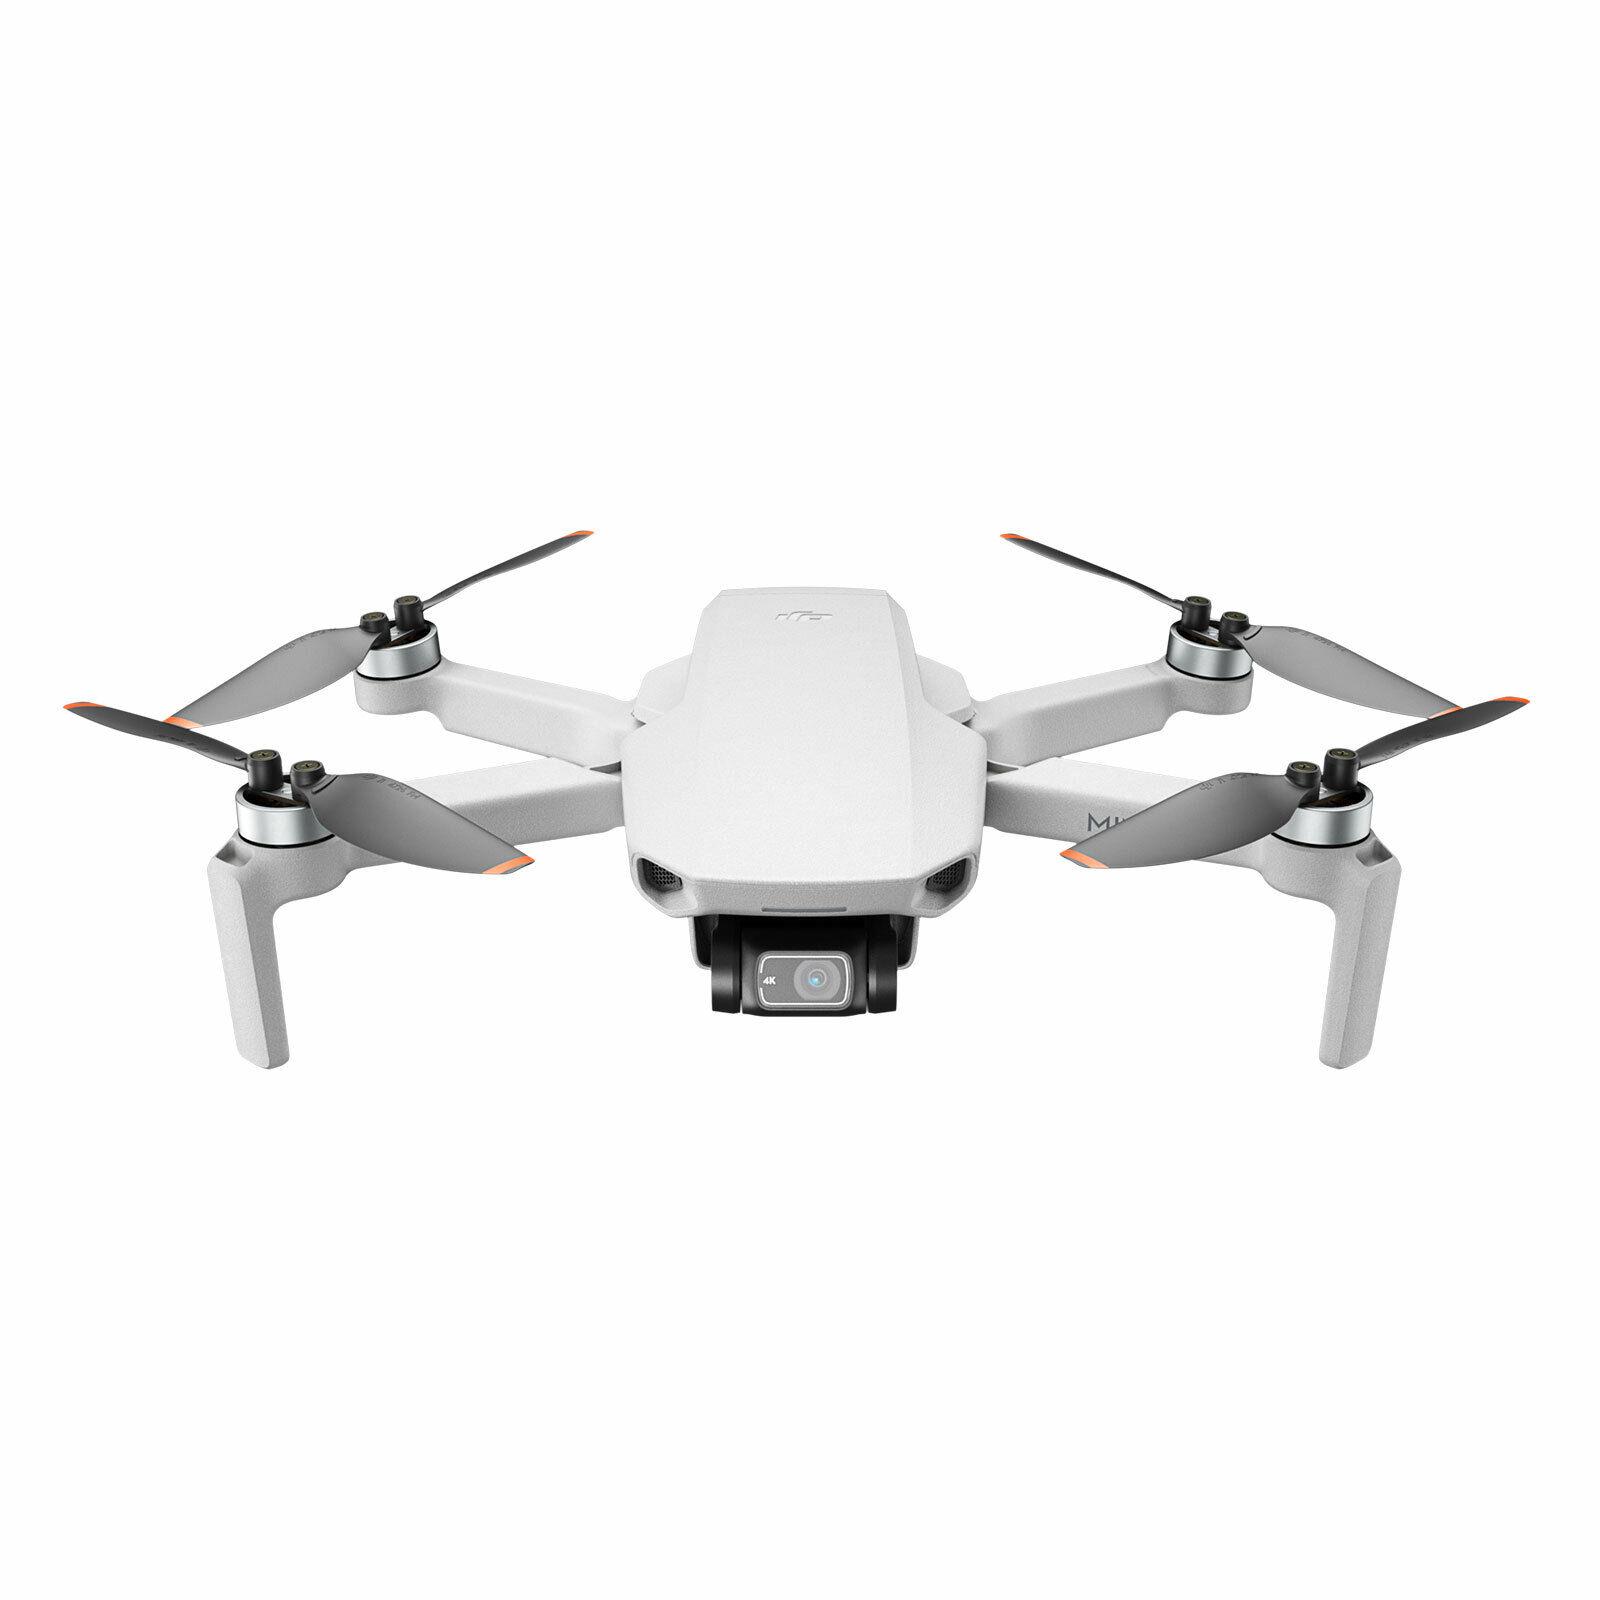 DJI Mini 2 Kameradrohne 12MP 4K Multicopter Quadrocopter Drone Ultraleicht